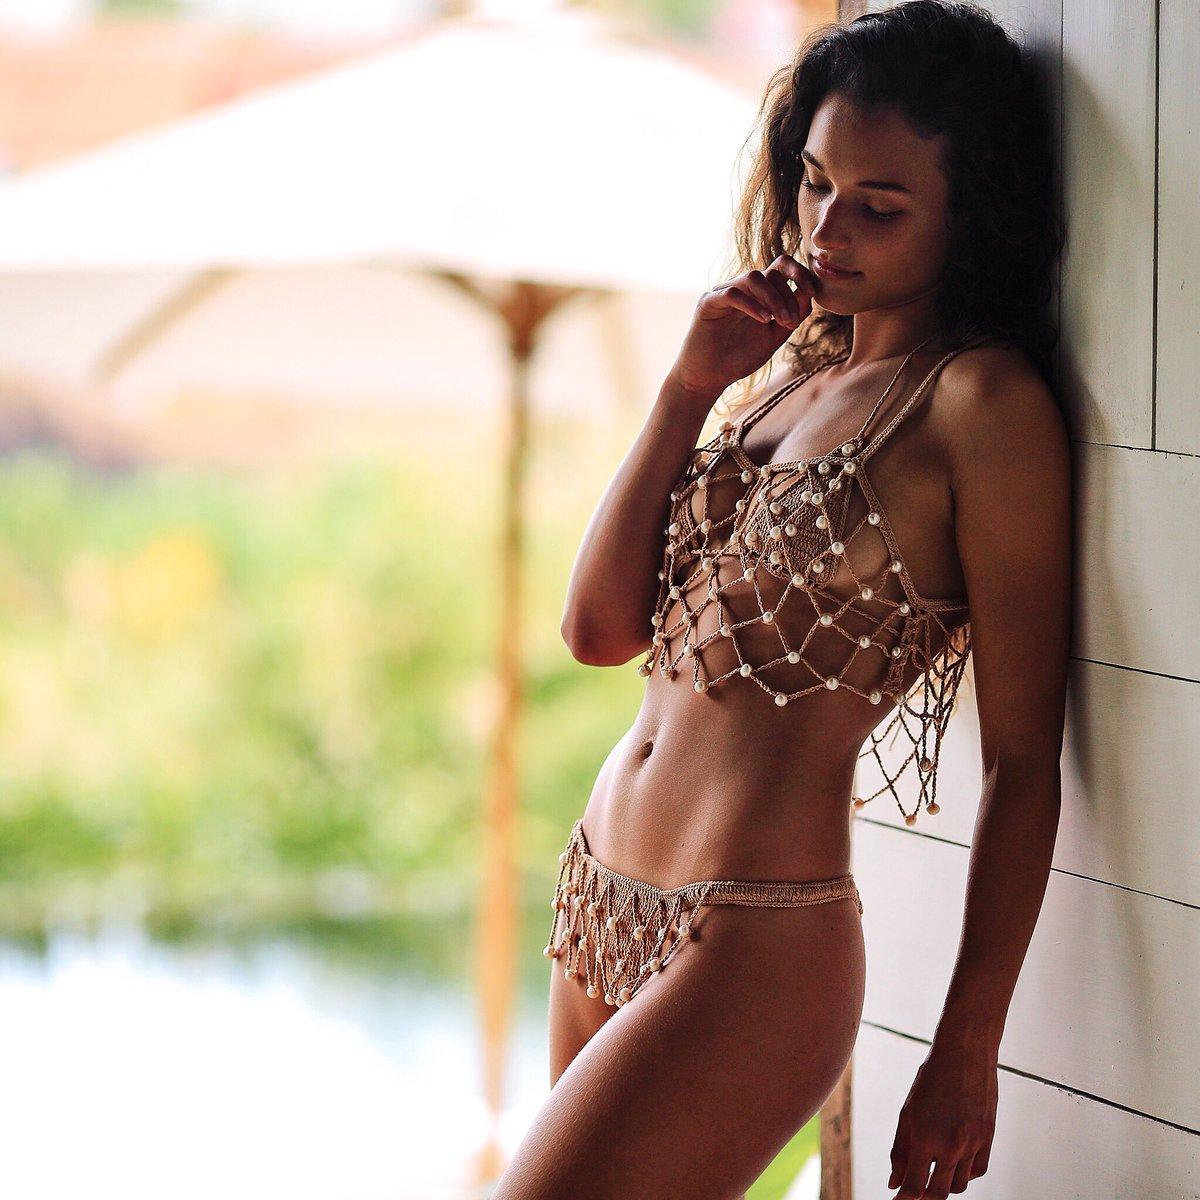 Bikini Alex McGregor nudes (14 pics), Bikini